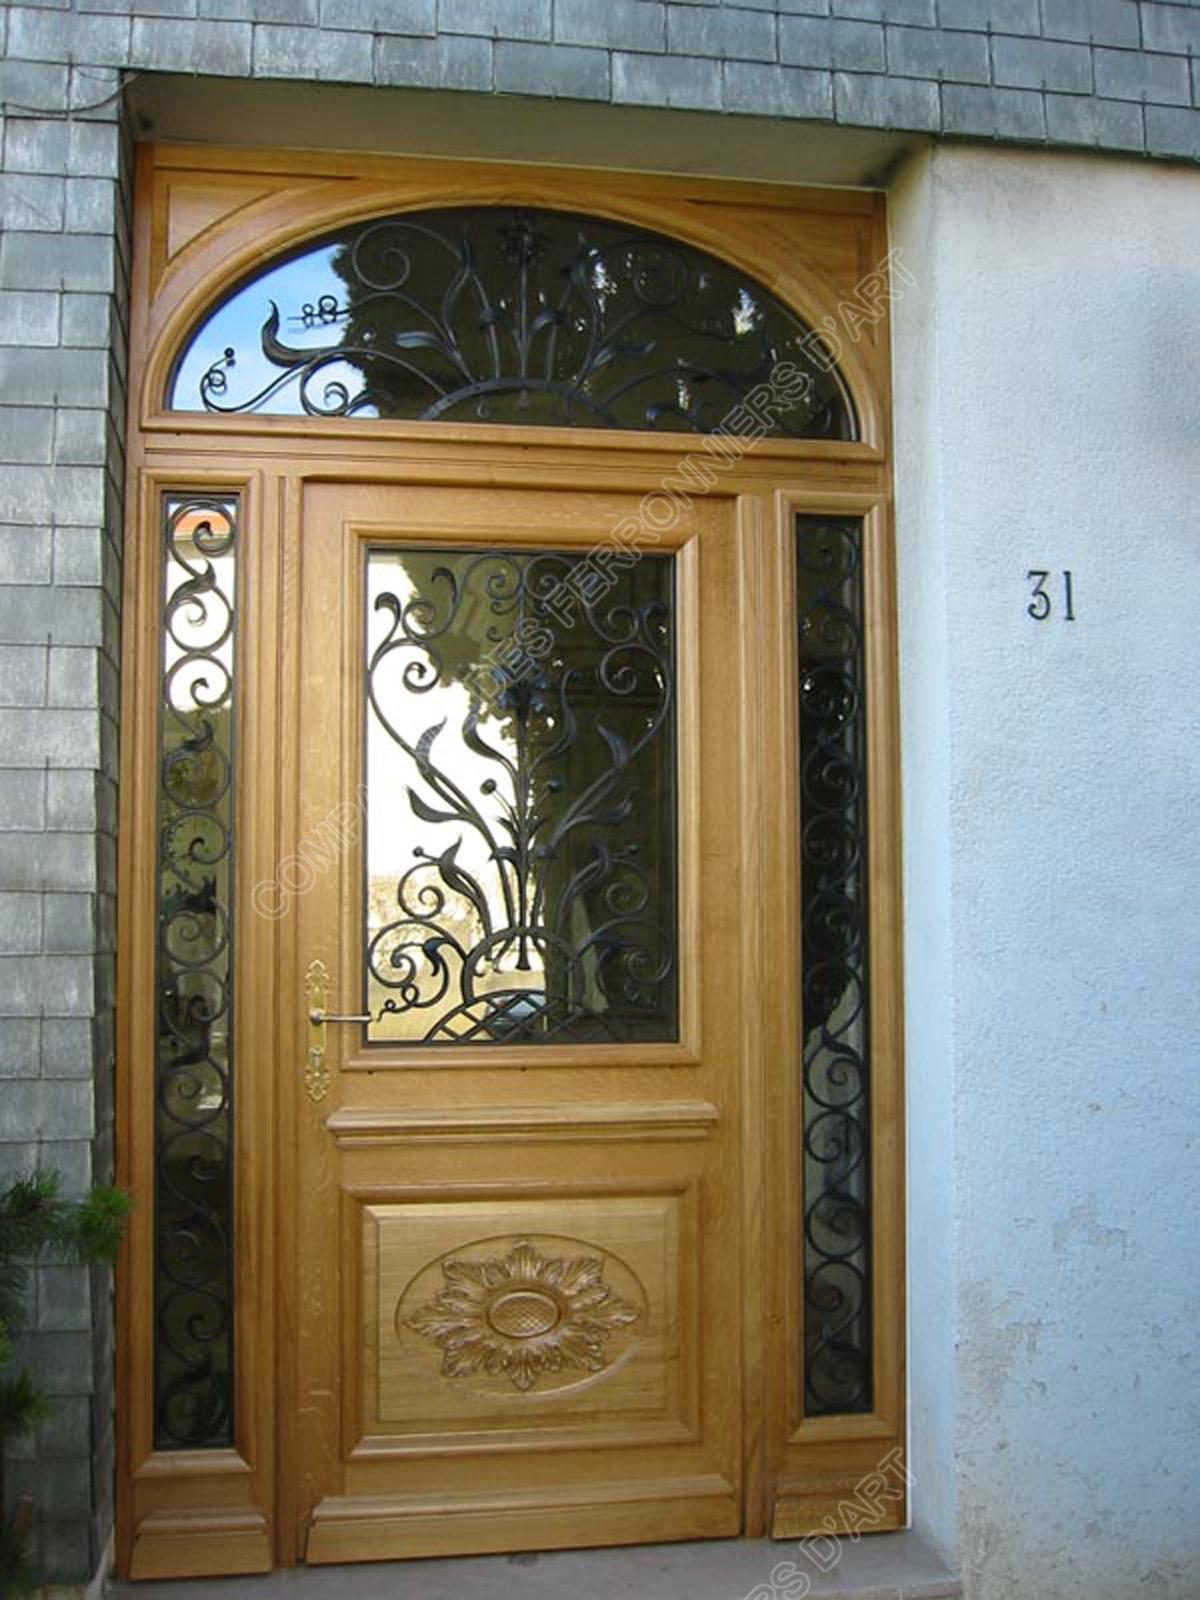 Portes d 39 entr e tierces mod le pet02 cintr e d corative - Porte d entree cintree ...